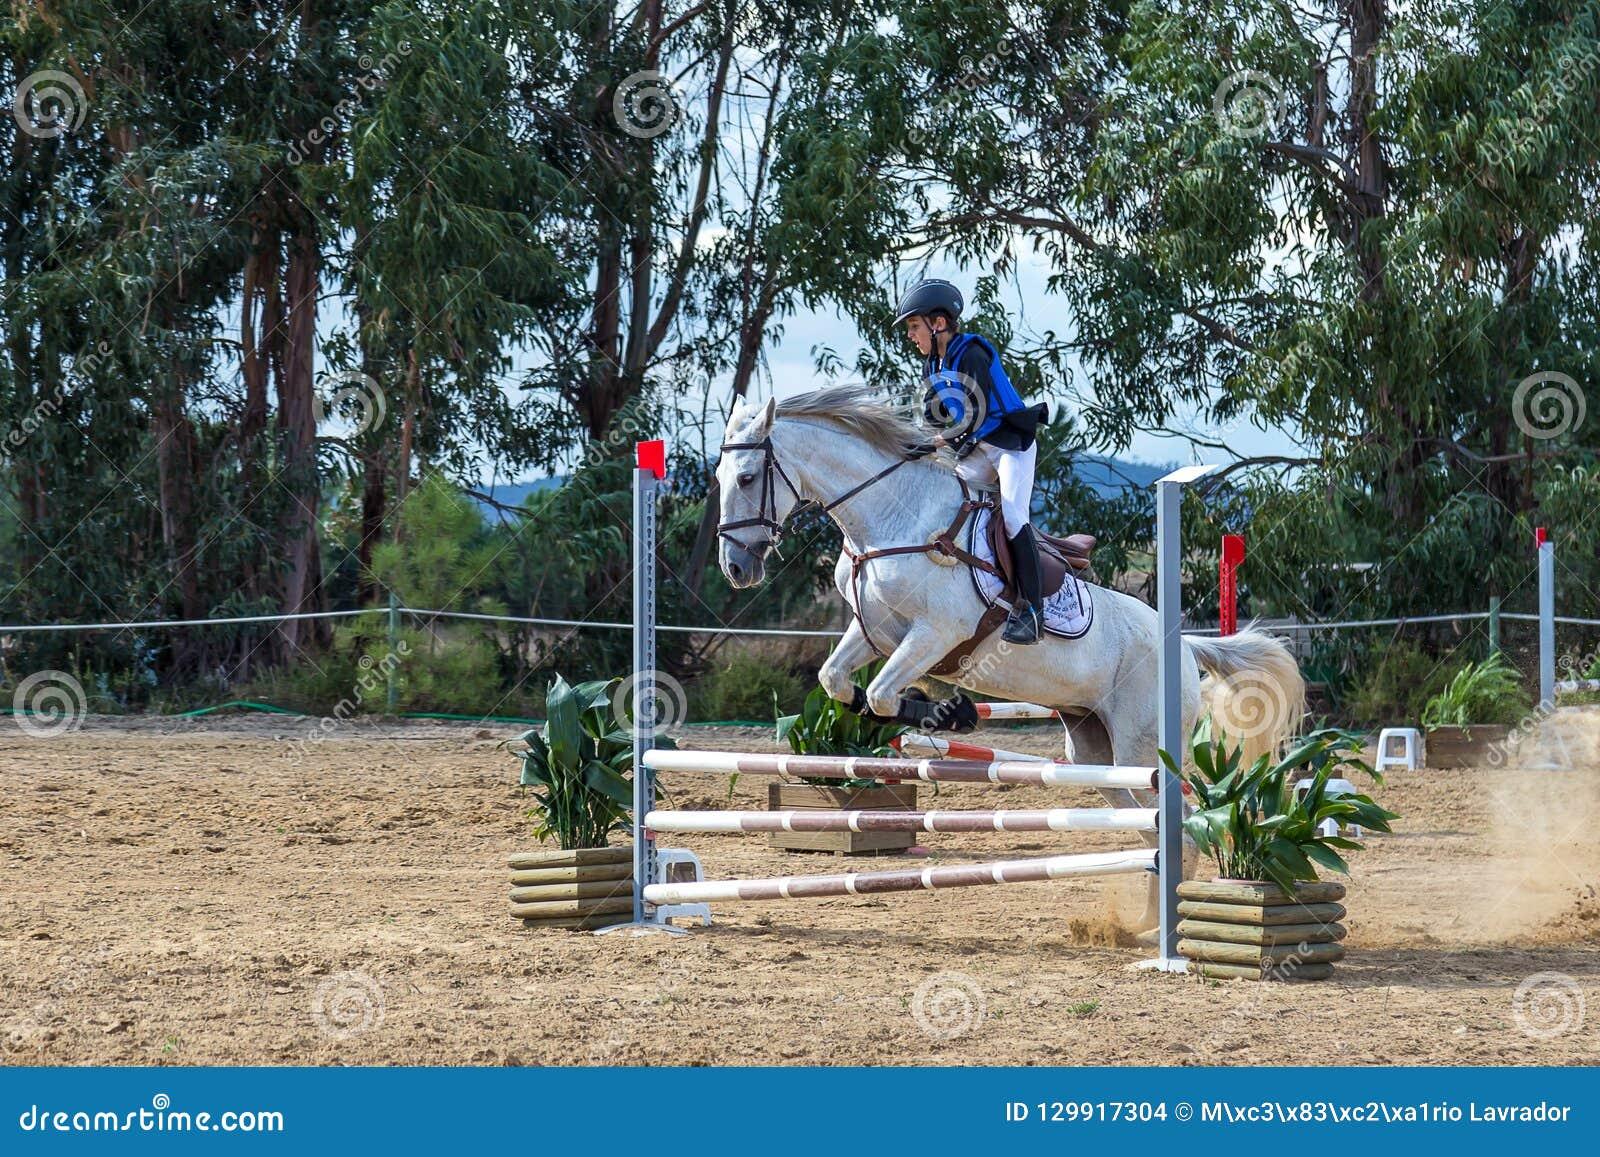 Equestrianism in a Portuguese Nature Horse Reserve